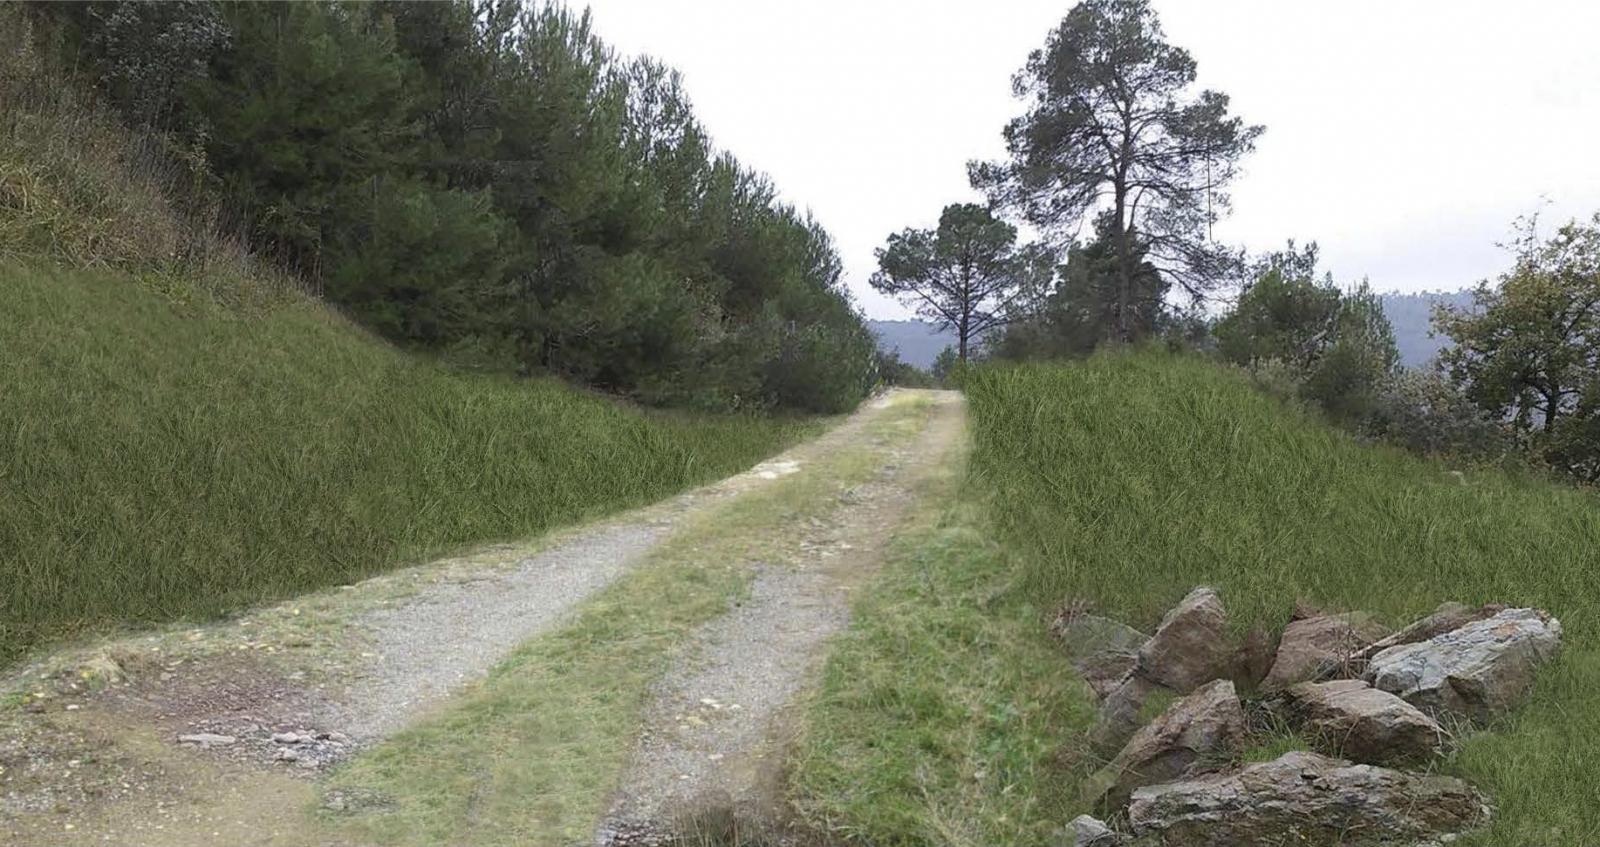 Les Vies Blaves suposaran una gran inversió per rehabilitar camins i posar-los al servei de la ciutadania